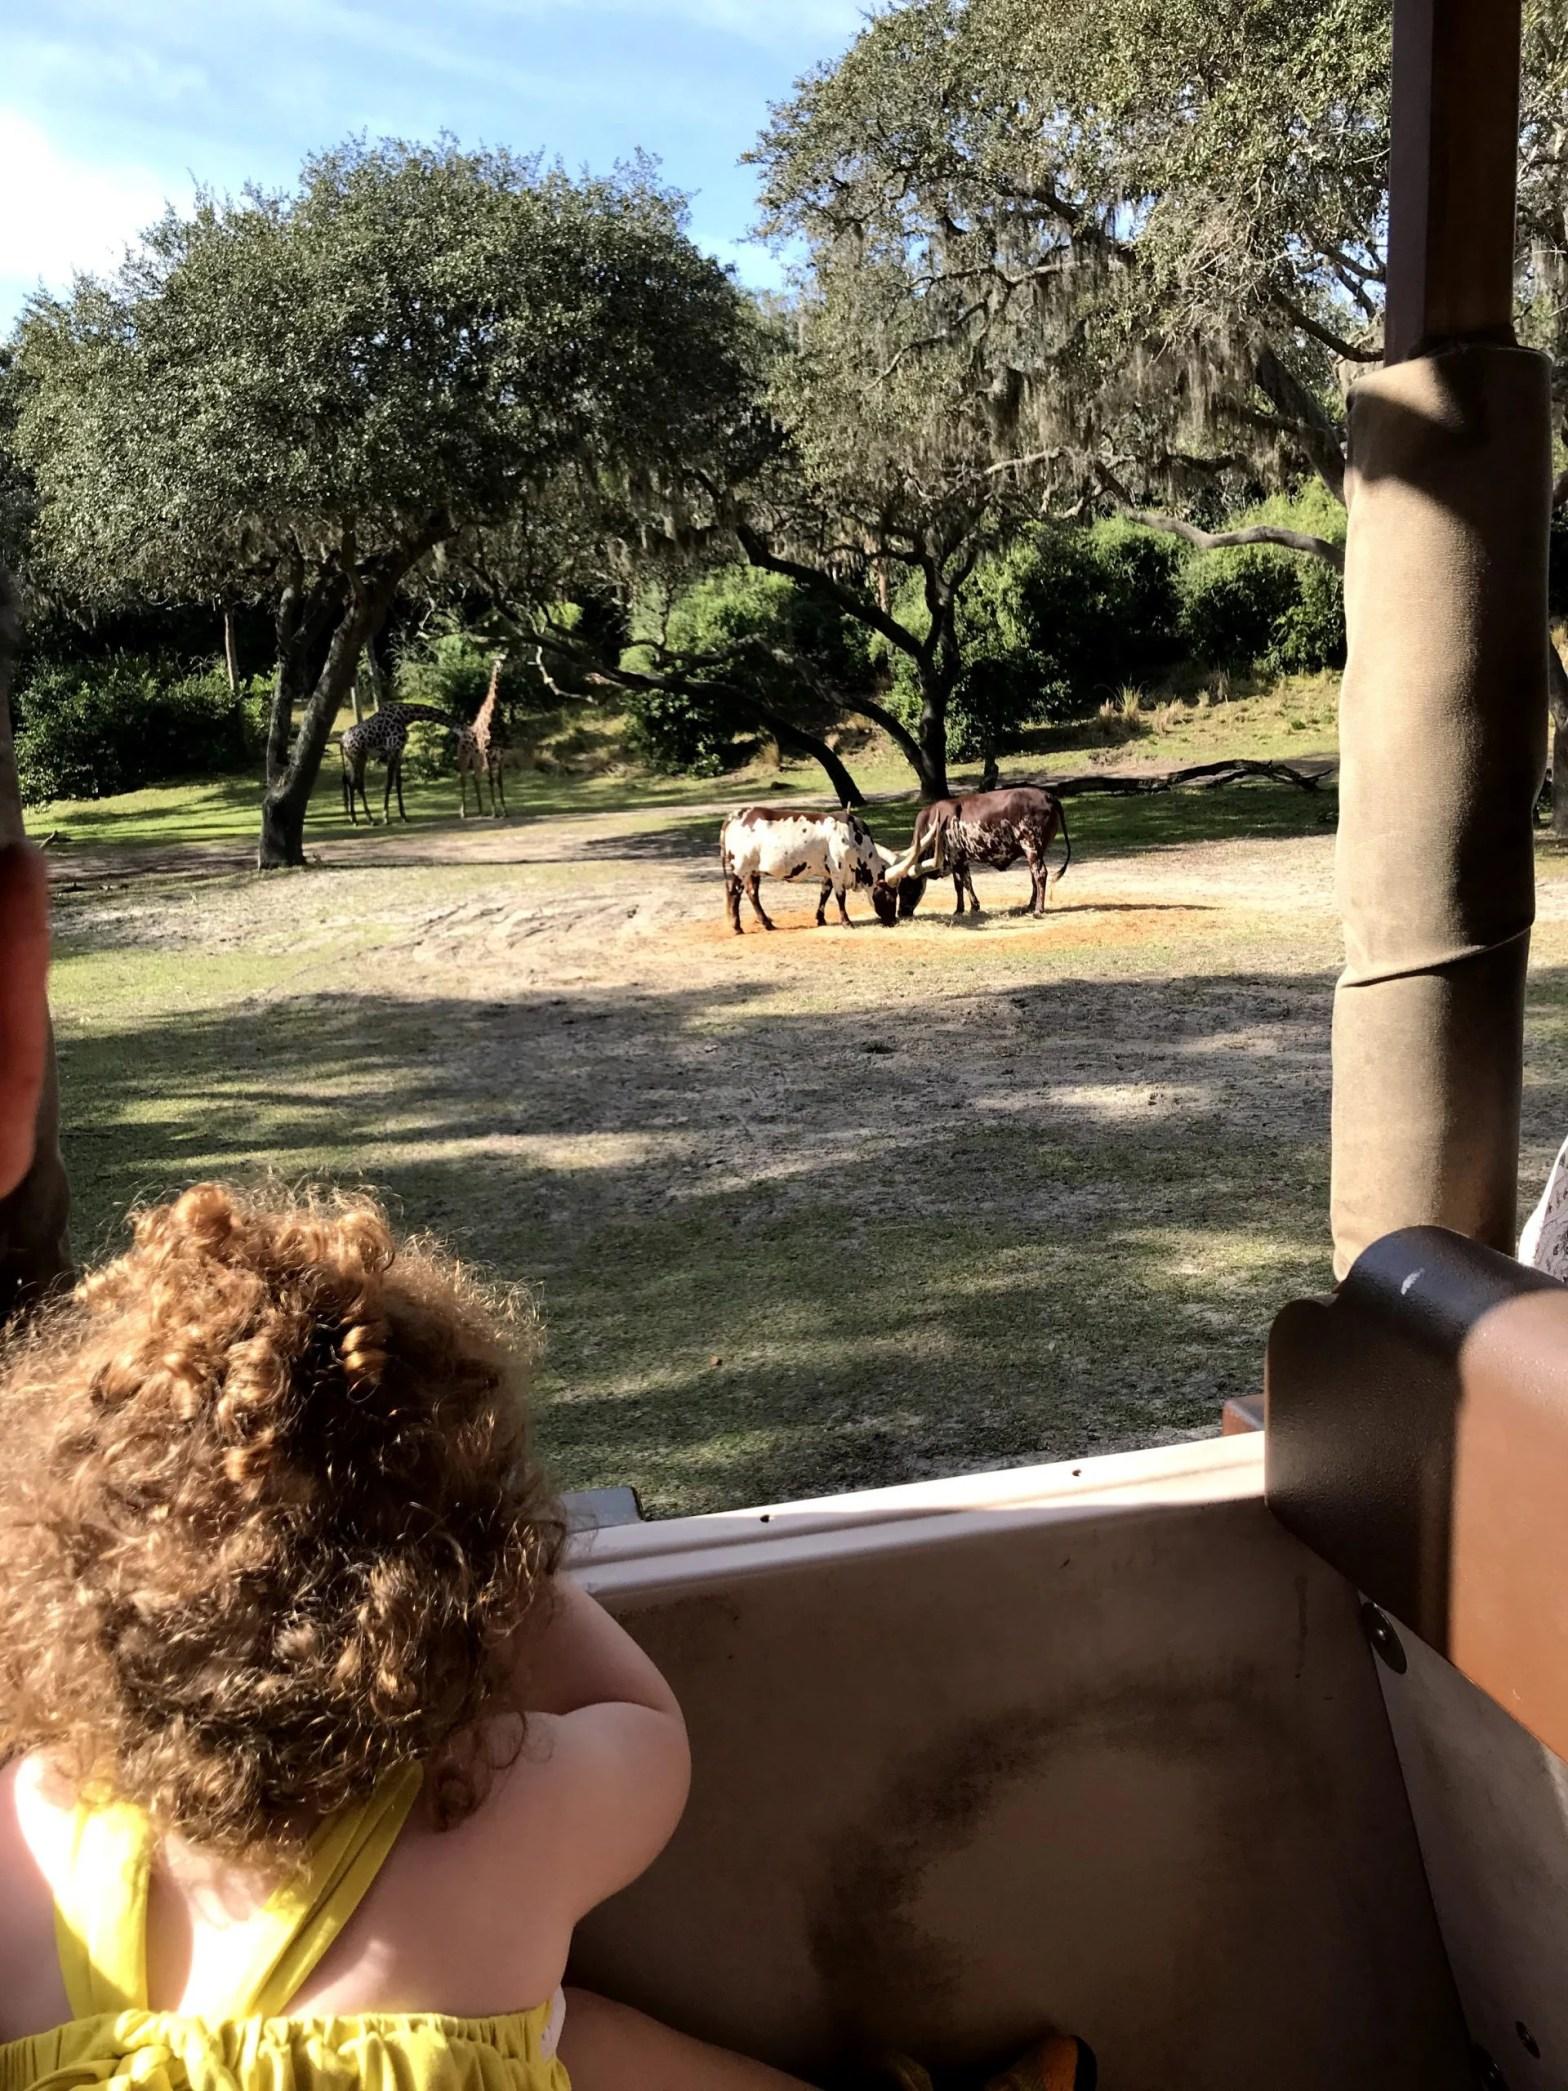 Disney Safari at Animal Kingdom